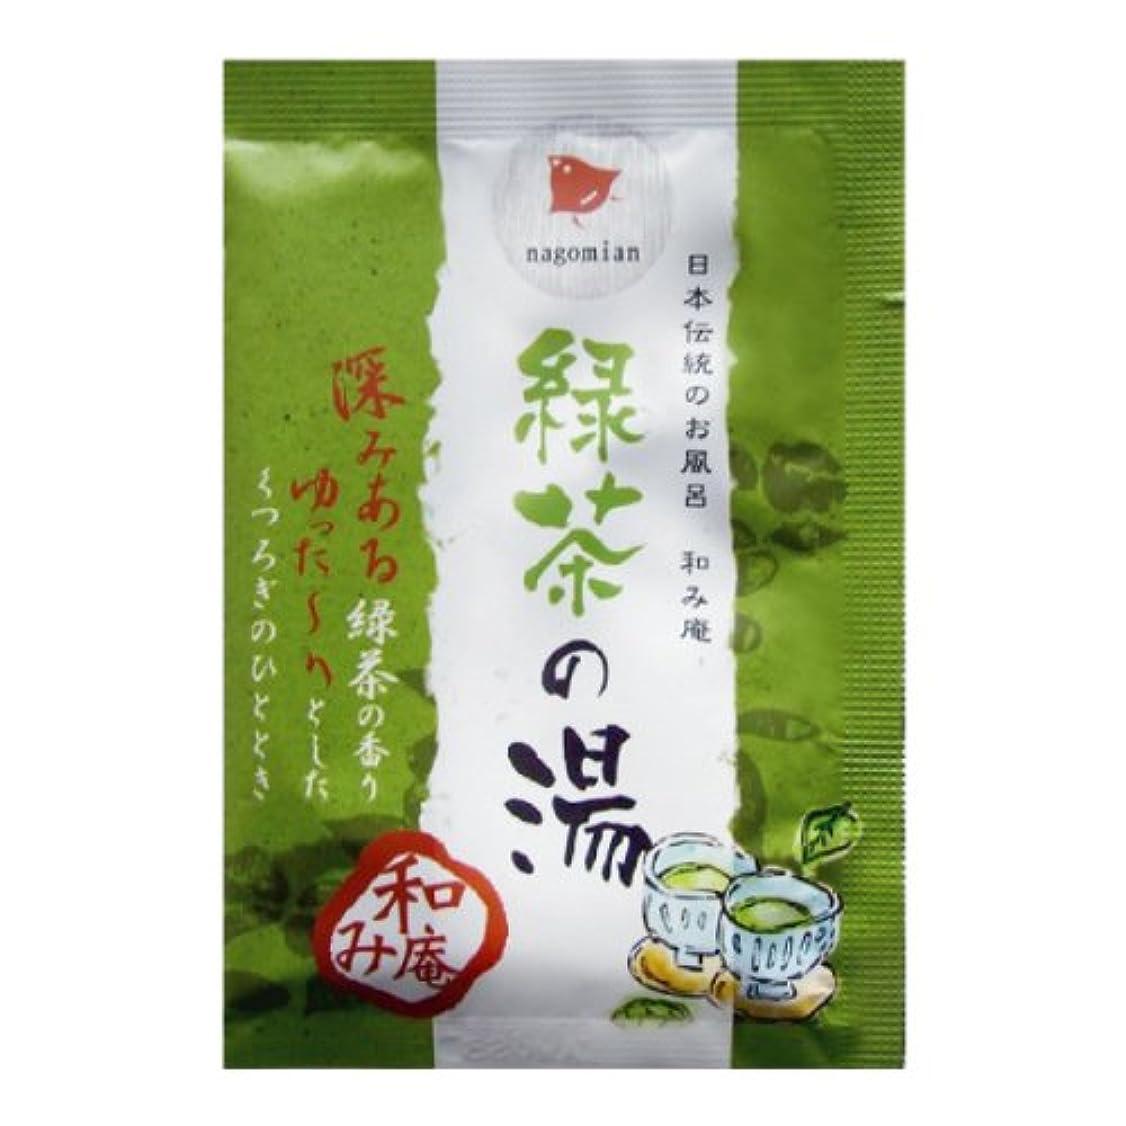 リンケージ浸漬髄日本伝統のお風呂 和み庵 緑茶の湯 200包